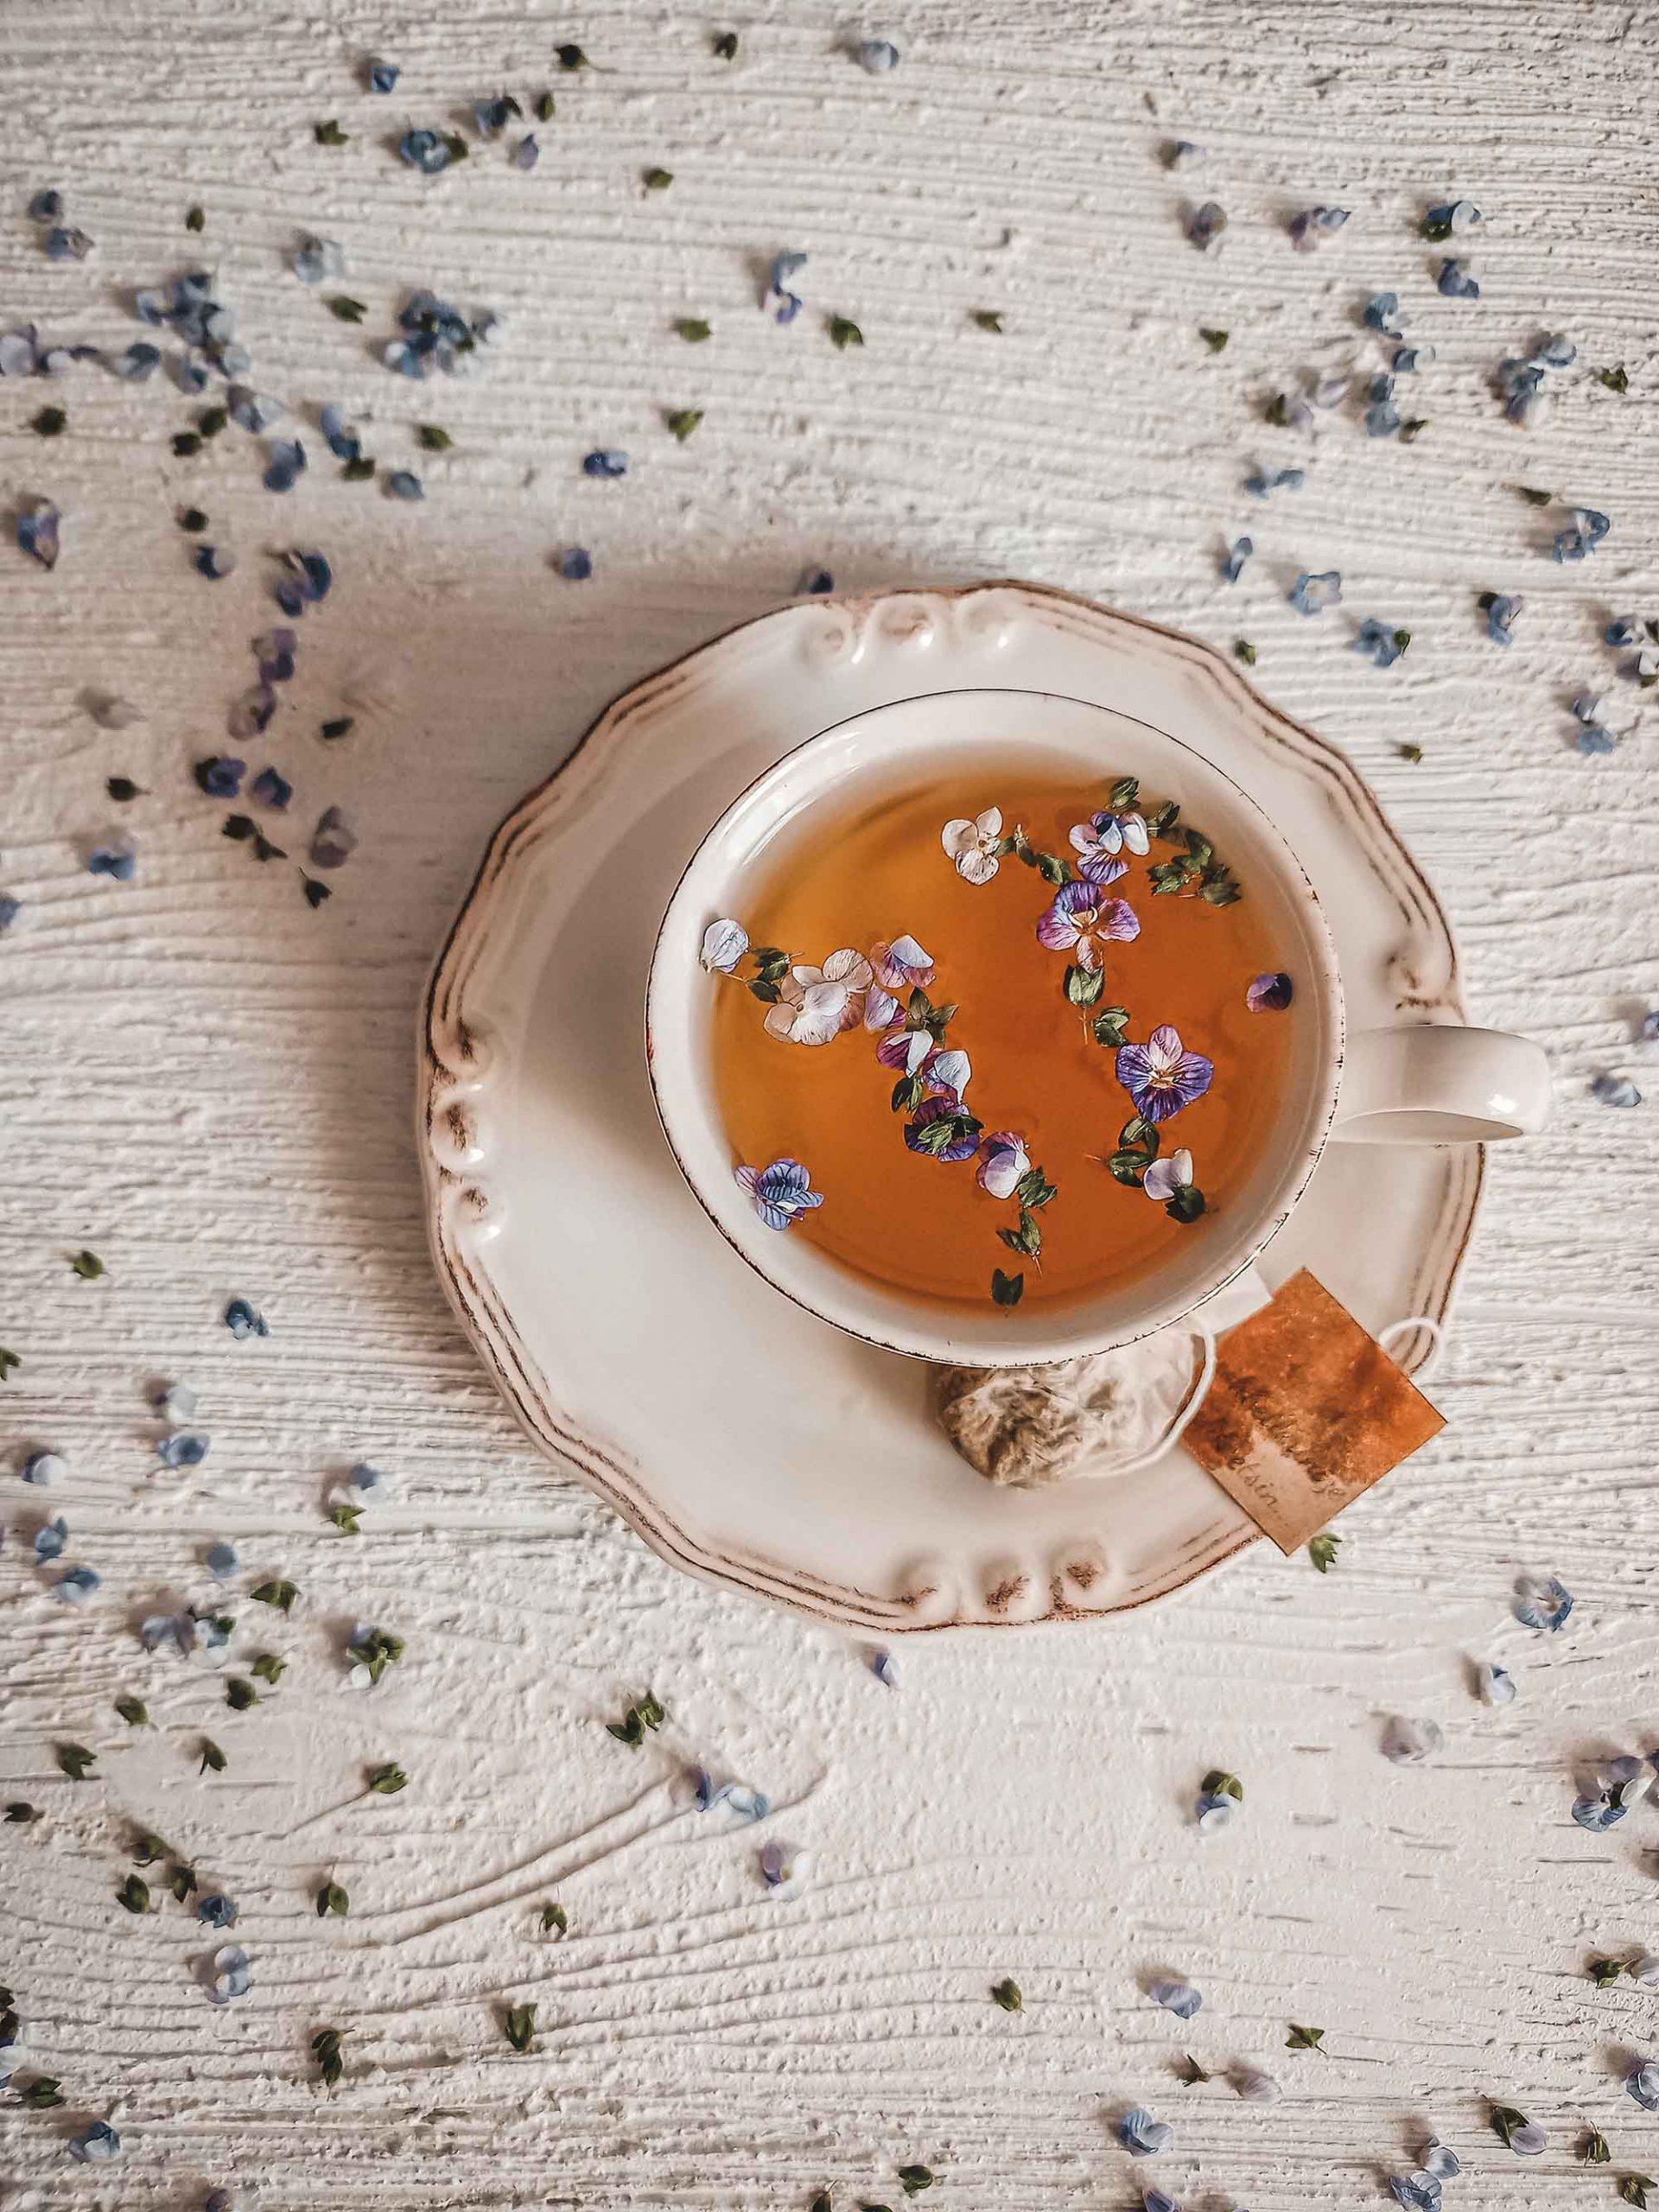 uống trà cải thiện sức khỏe tinh thần